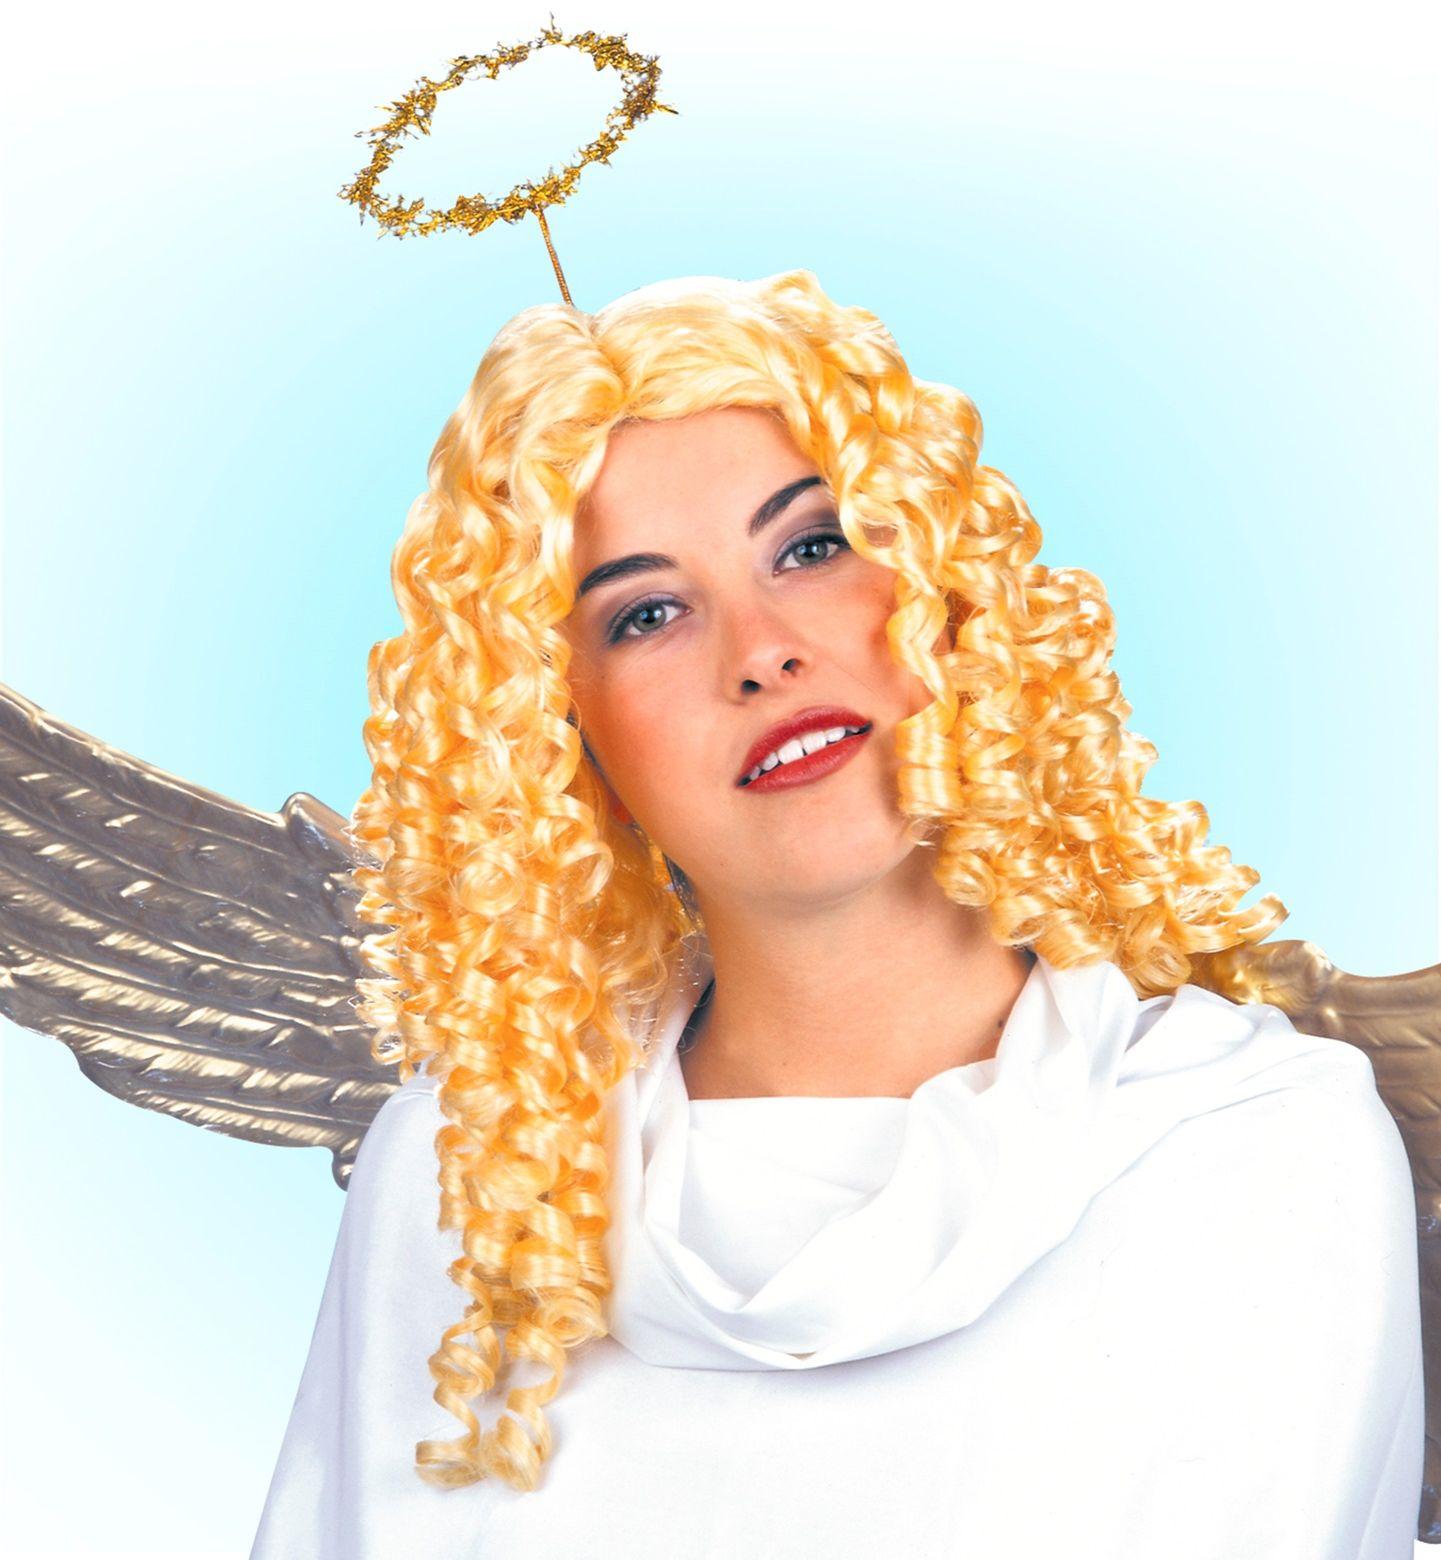 Engel pruik met krullen goud